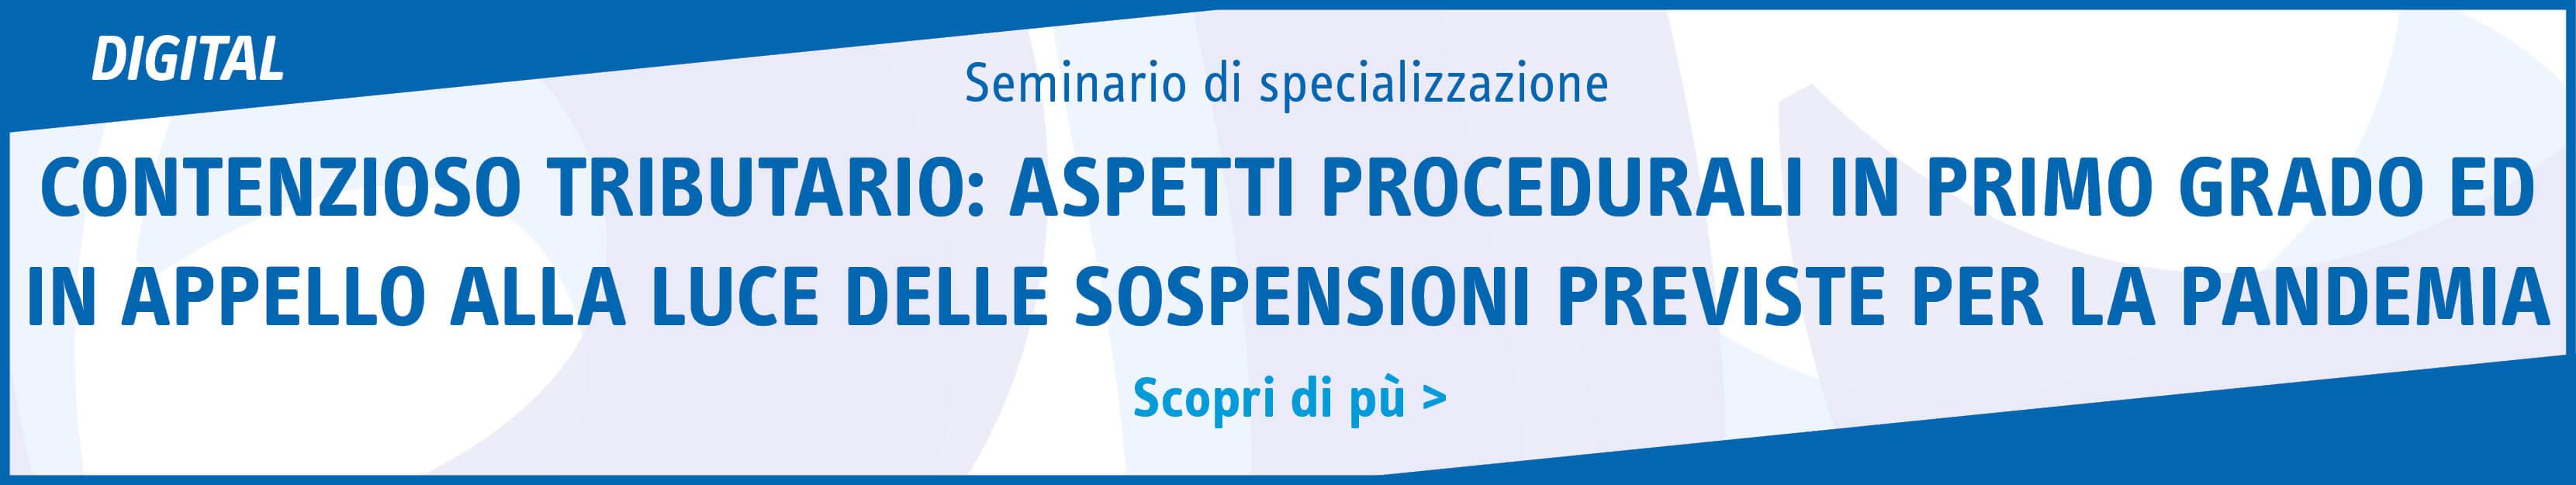 Contenzioso tributario: aspetti procedurali in primo grado ed in appello alla luce delle sospensioni previste per la pandemia